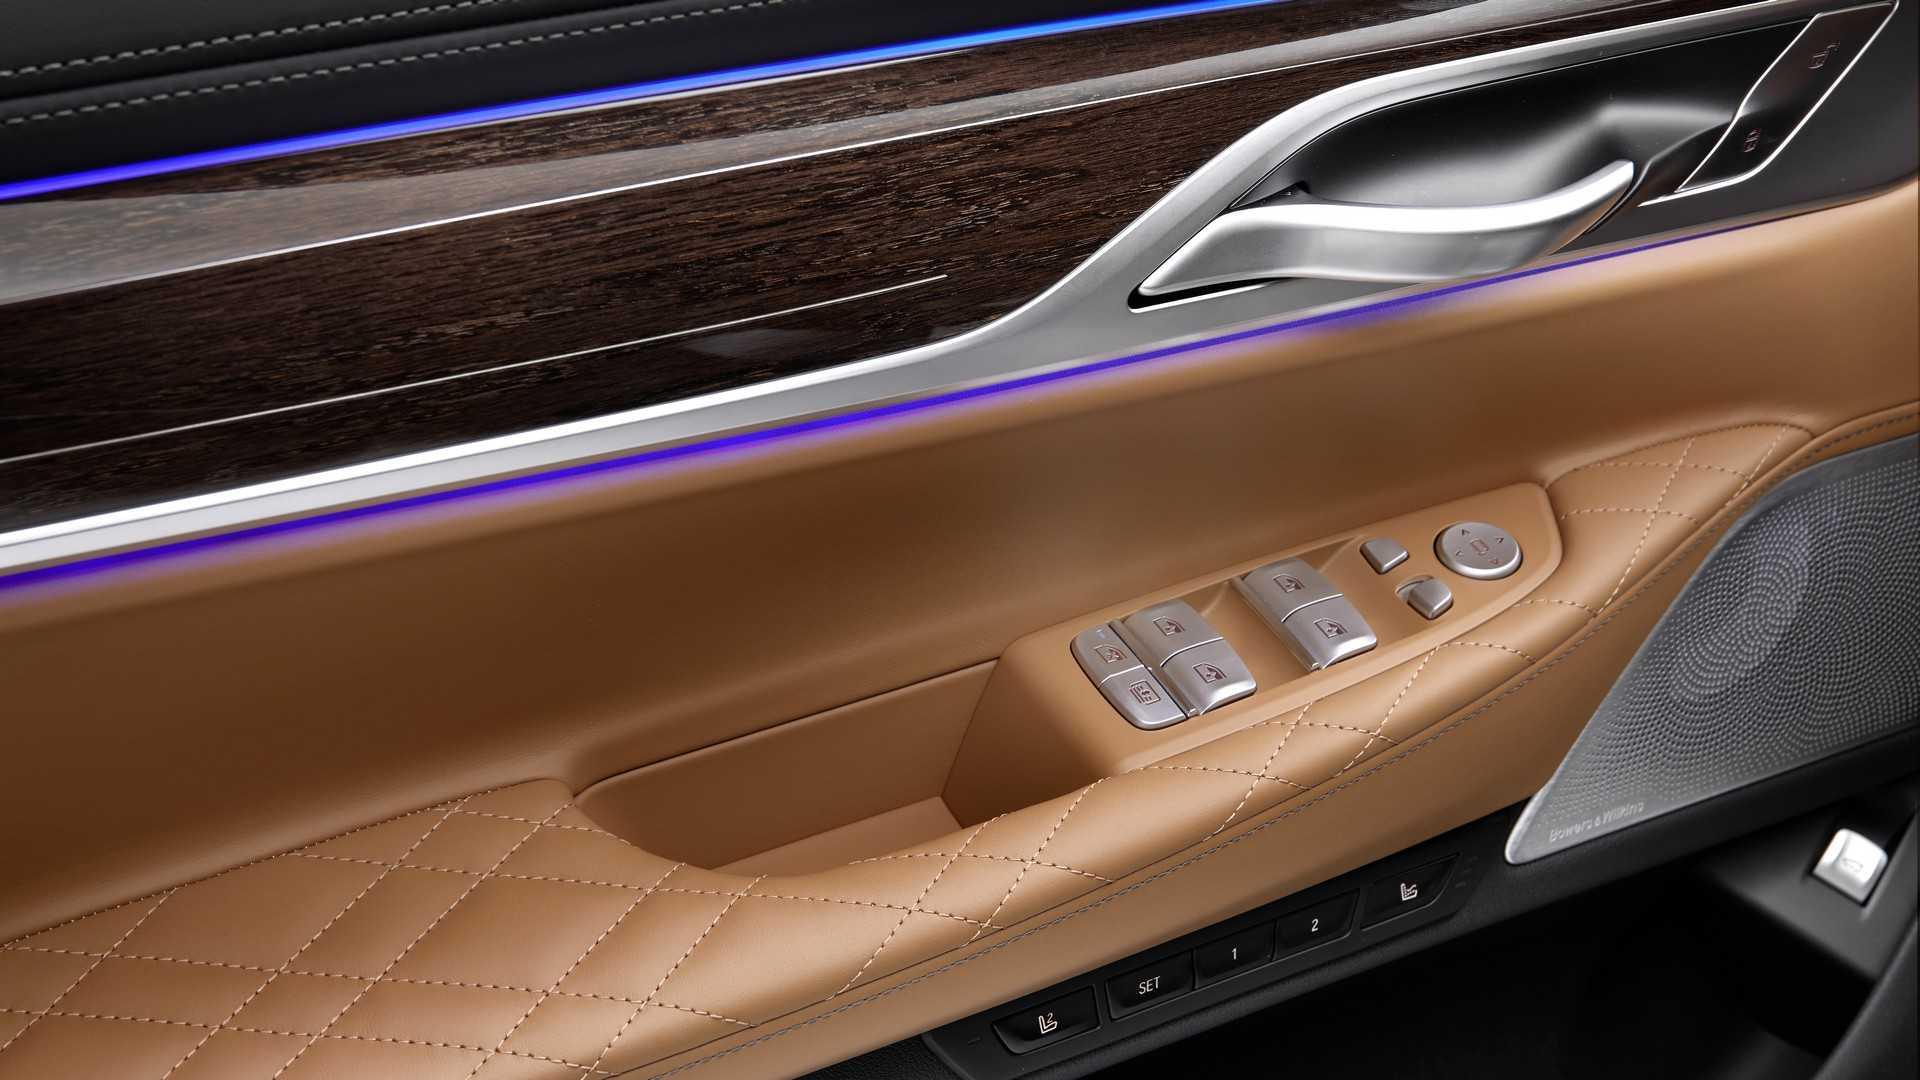 BMW 7 Series thế hệ mới sẽ có thêm bản chạy điện hoàn toàn - 28